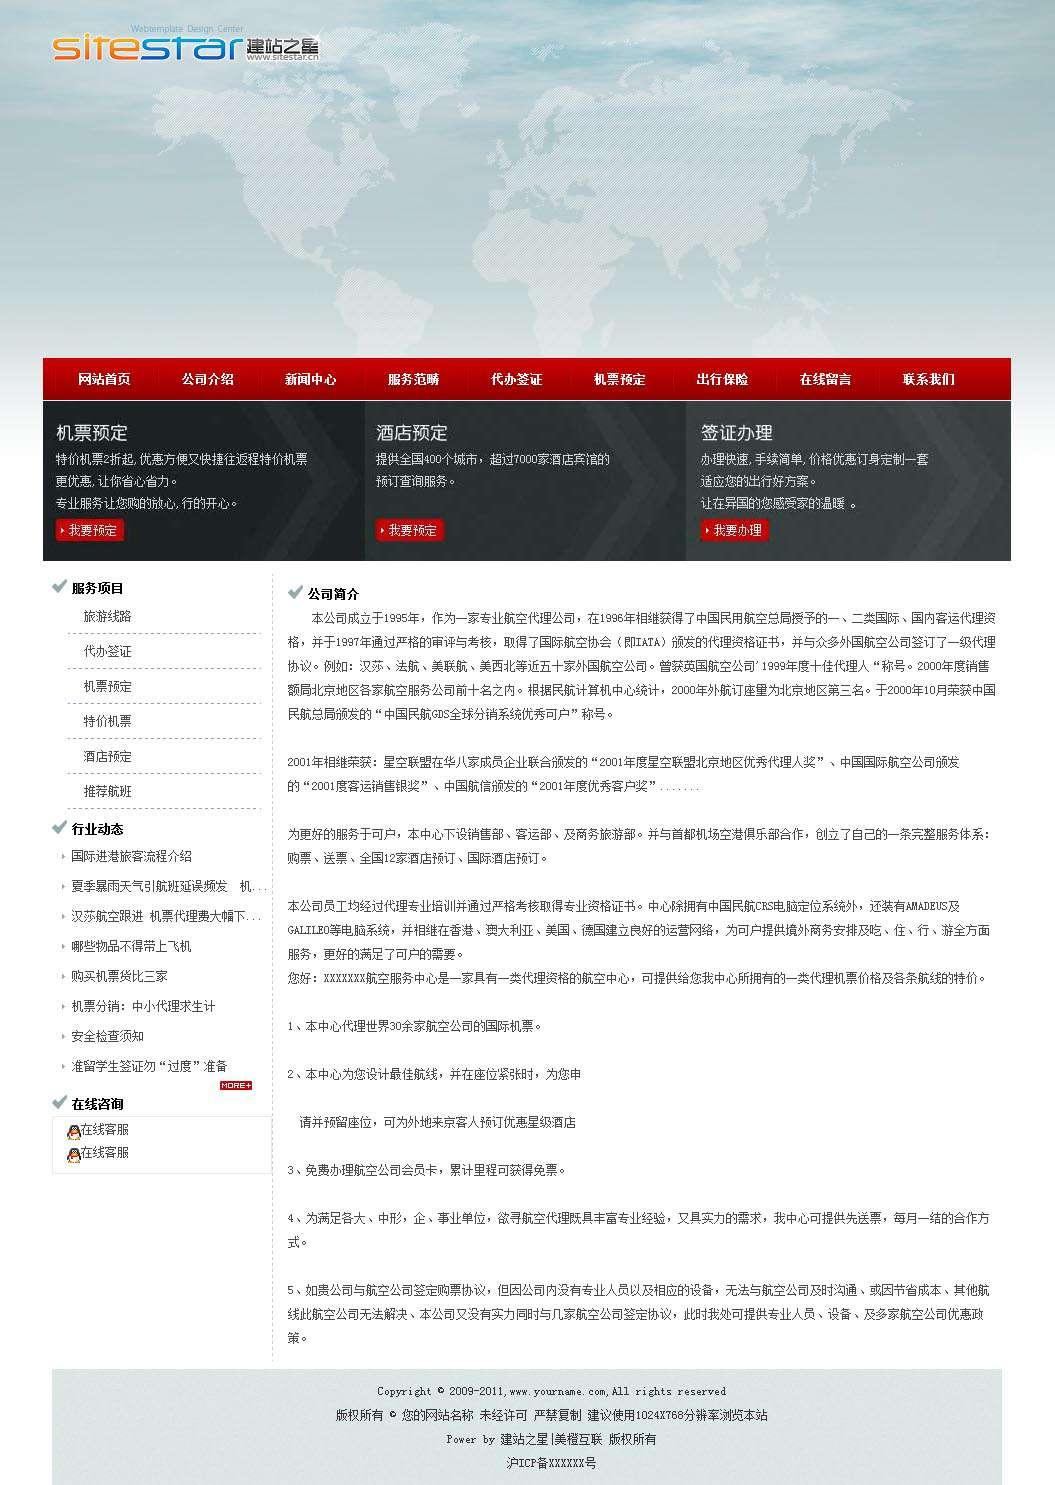 企业网站-票务A1模板关于我们页面